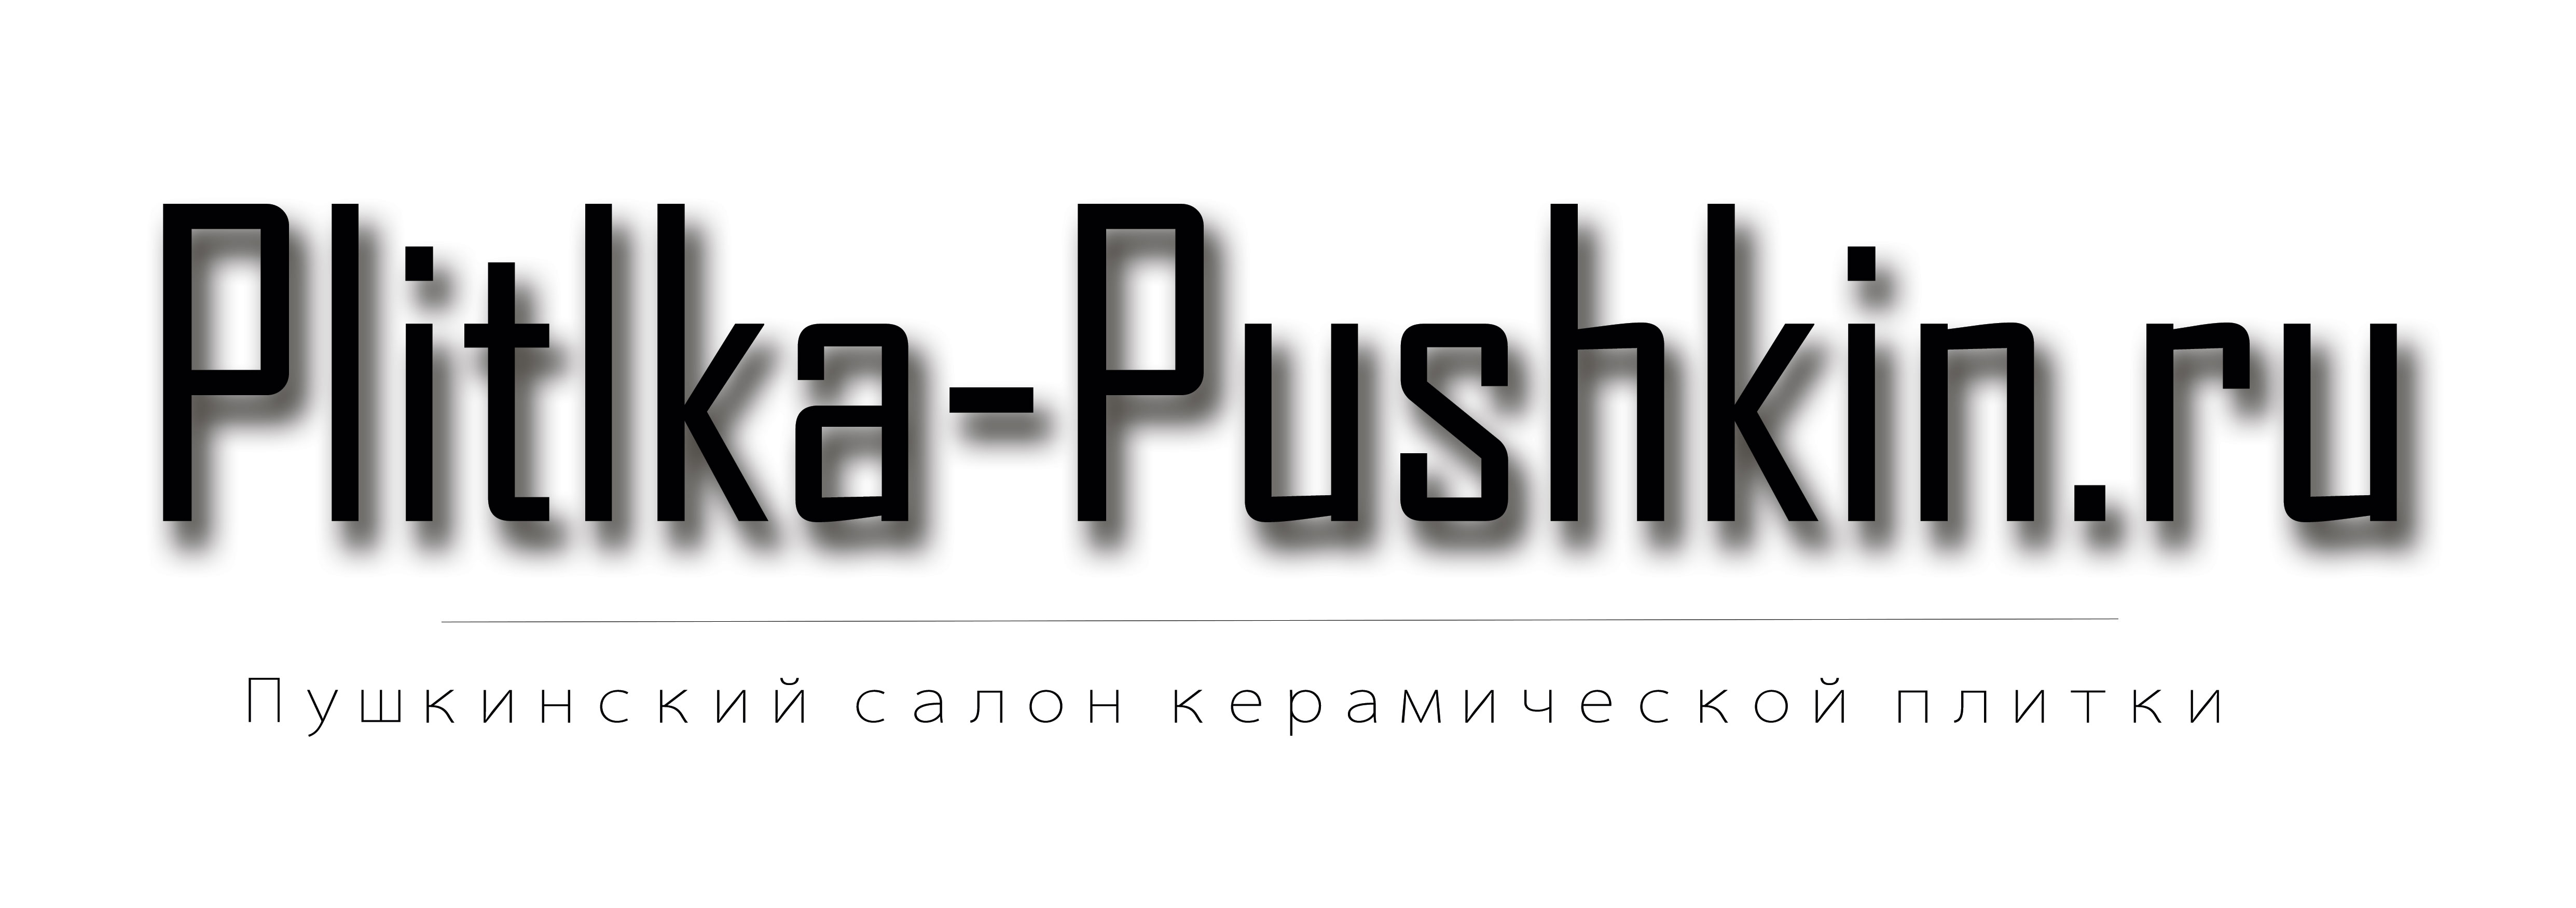 Пушкинский салон керамической плитки